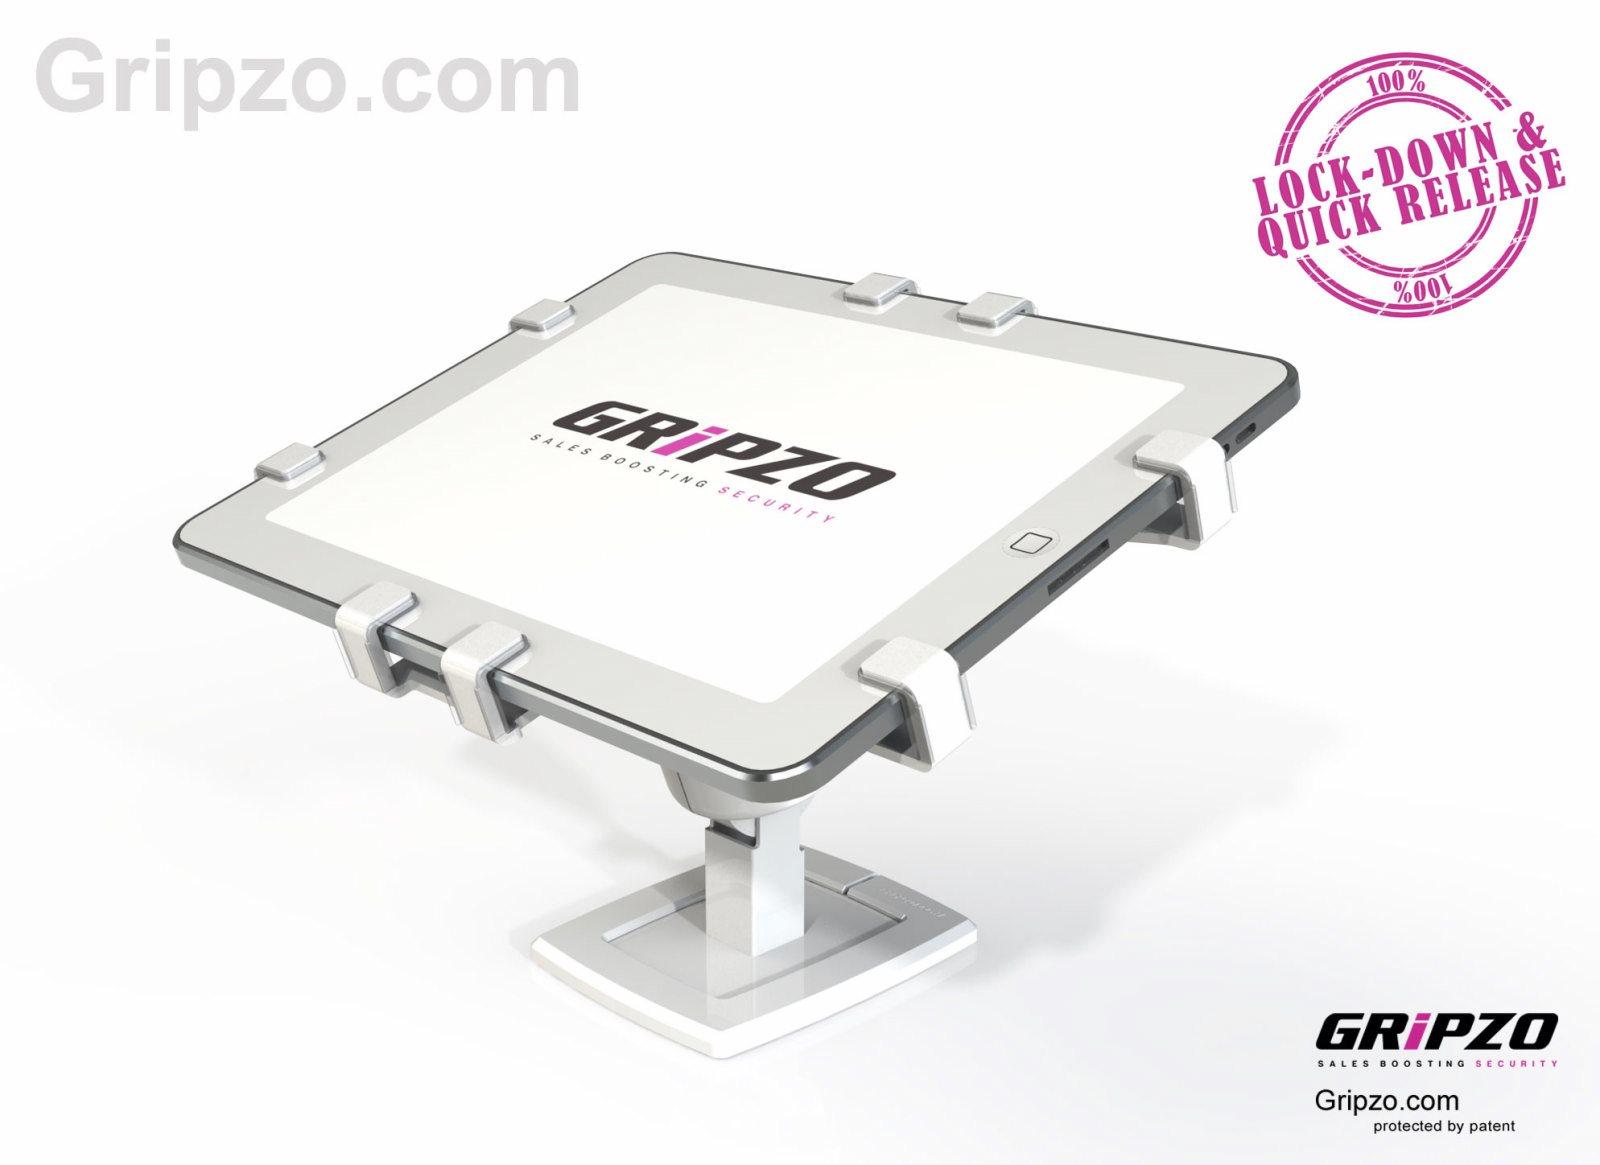 gripzo-allwhite-1-met-logo.jpg